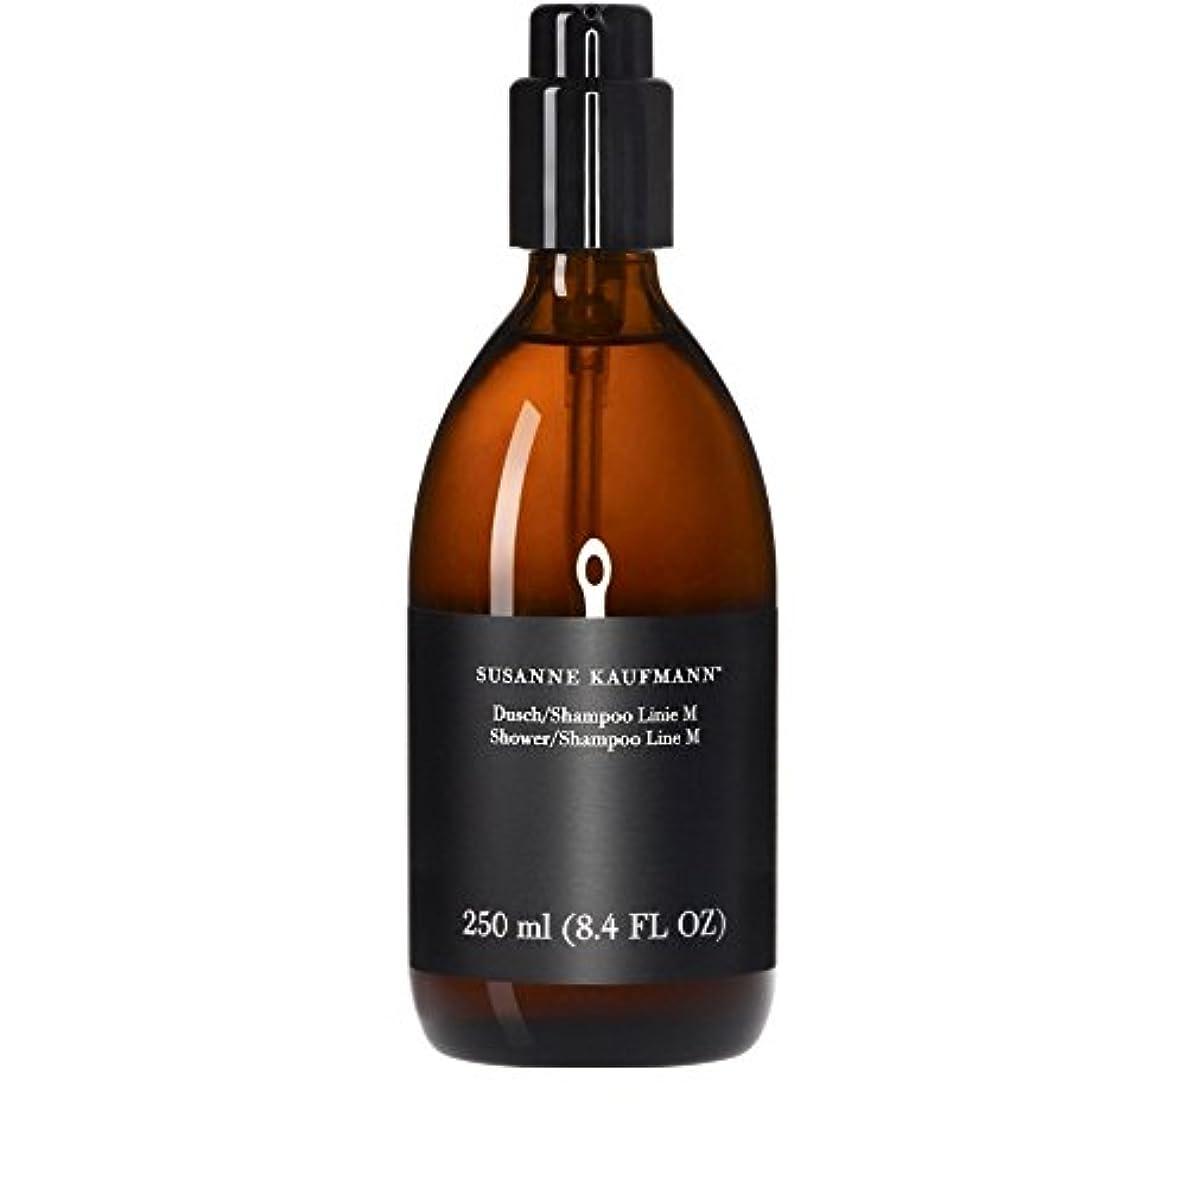 静める殺す不器用Susanne Kaufmann Shower/Shampoo for Men 250ml (Pack of 6) - 男性のためのスザンヌカウフマンシャワー/シャンプー250ミリリットル x6 [並行輸入品]